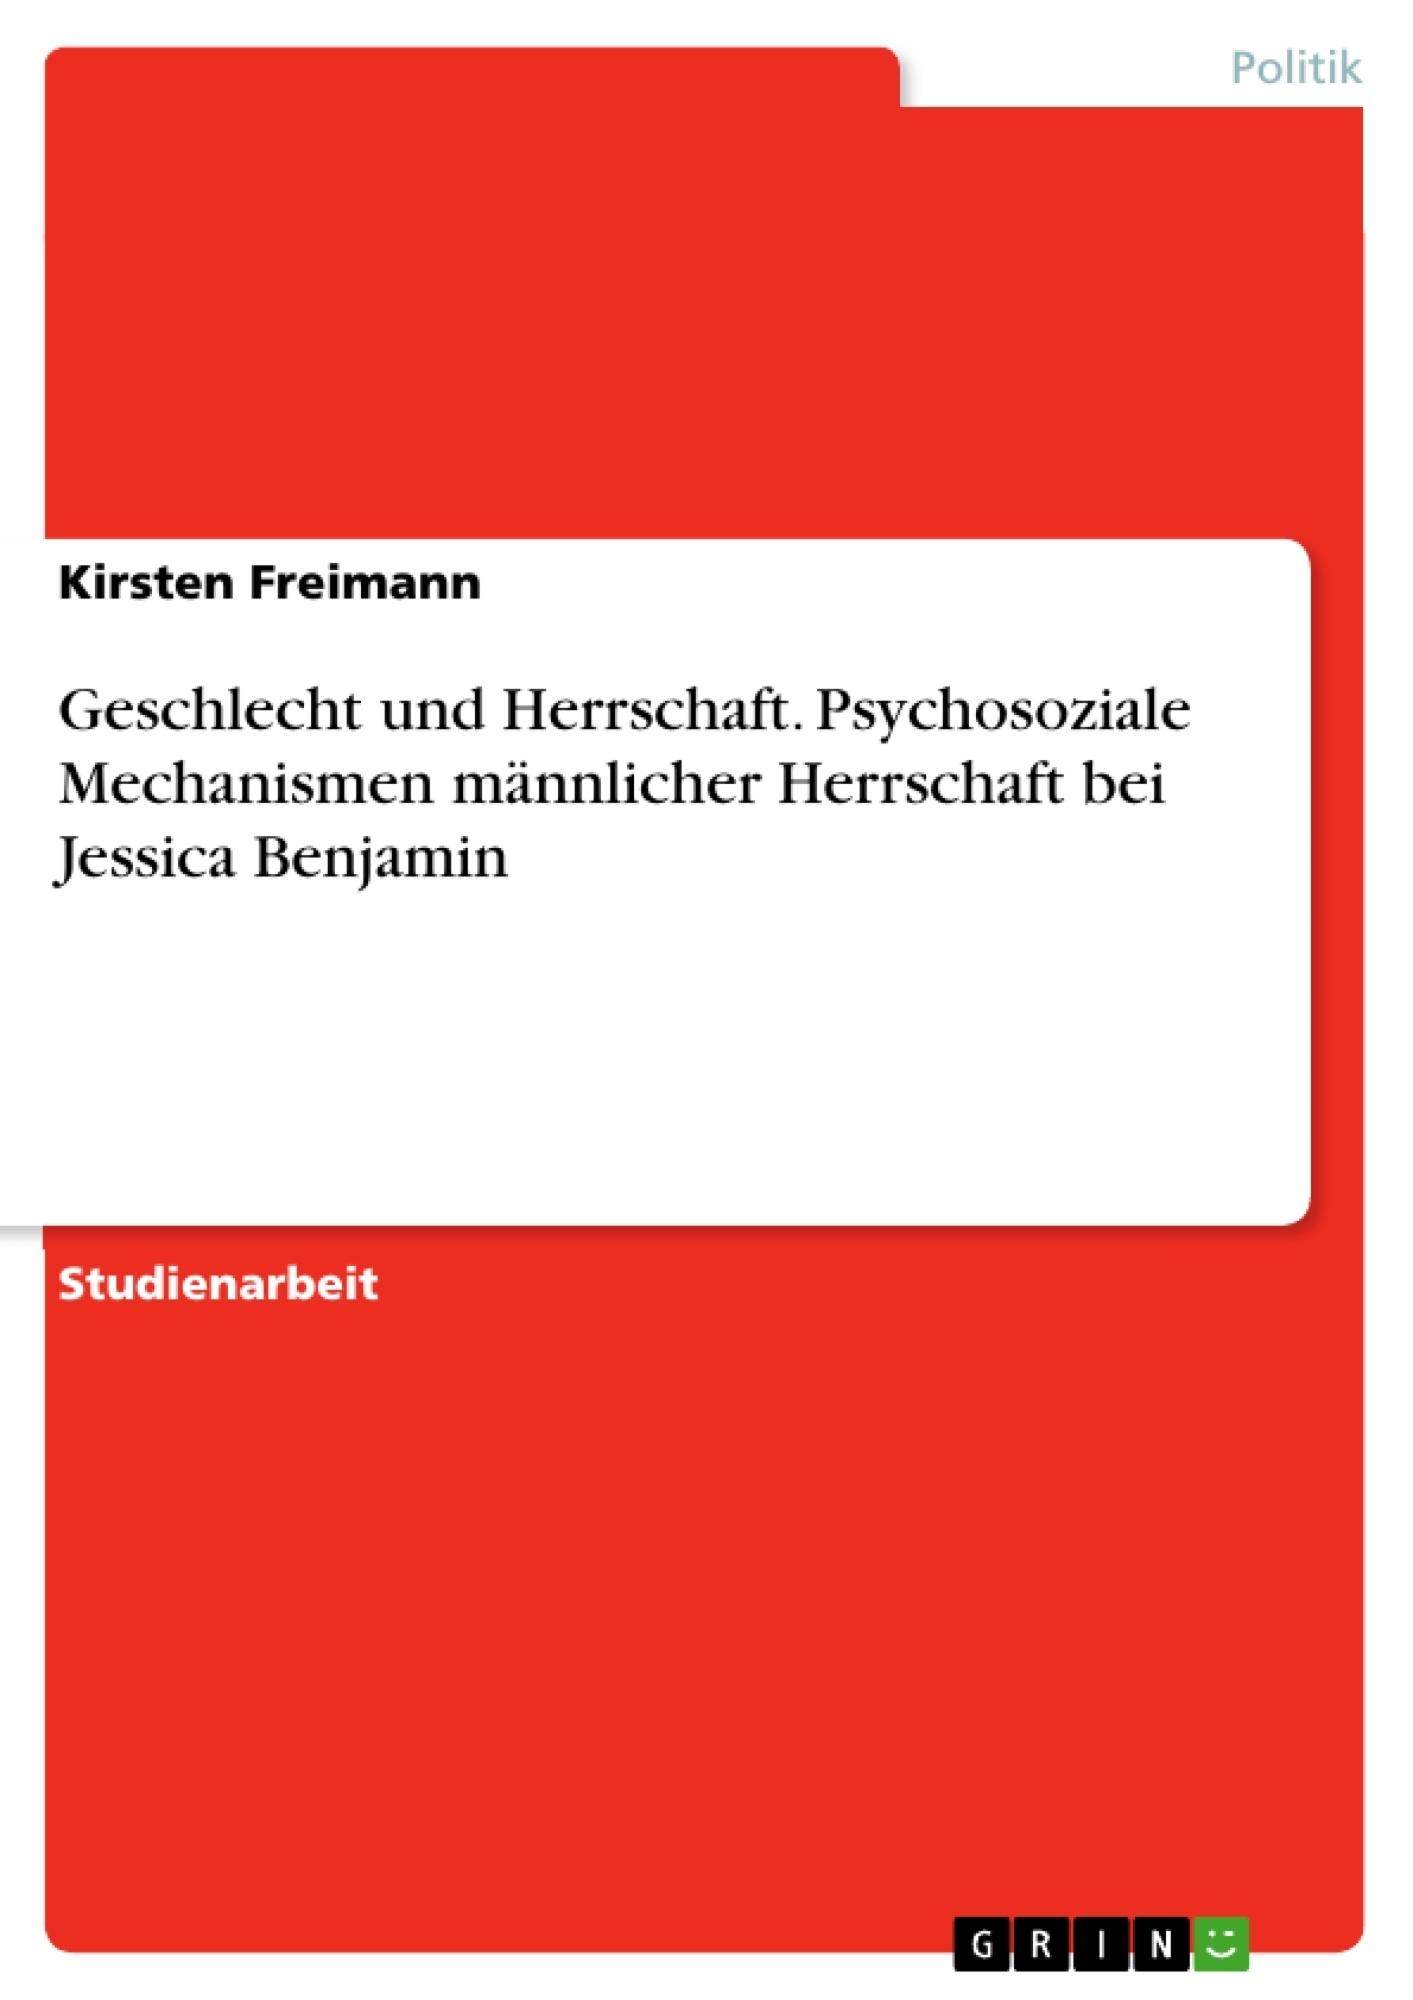 Titel: Geschlecht und Herrschaft. Psychosoziale Mechanismen männlicher Herrschaft bei Jessica Benjamin